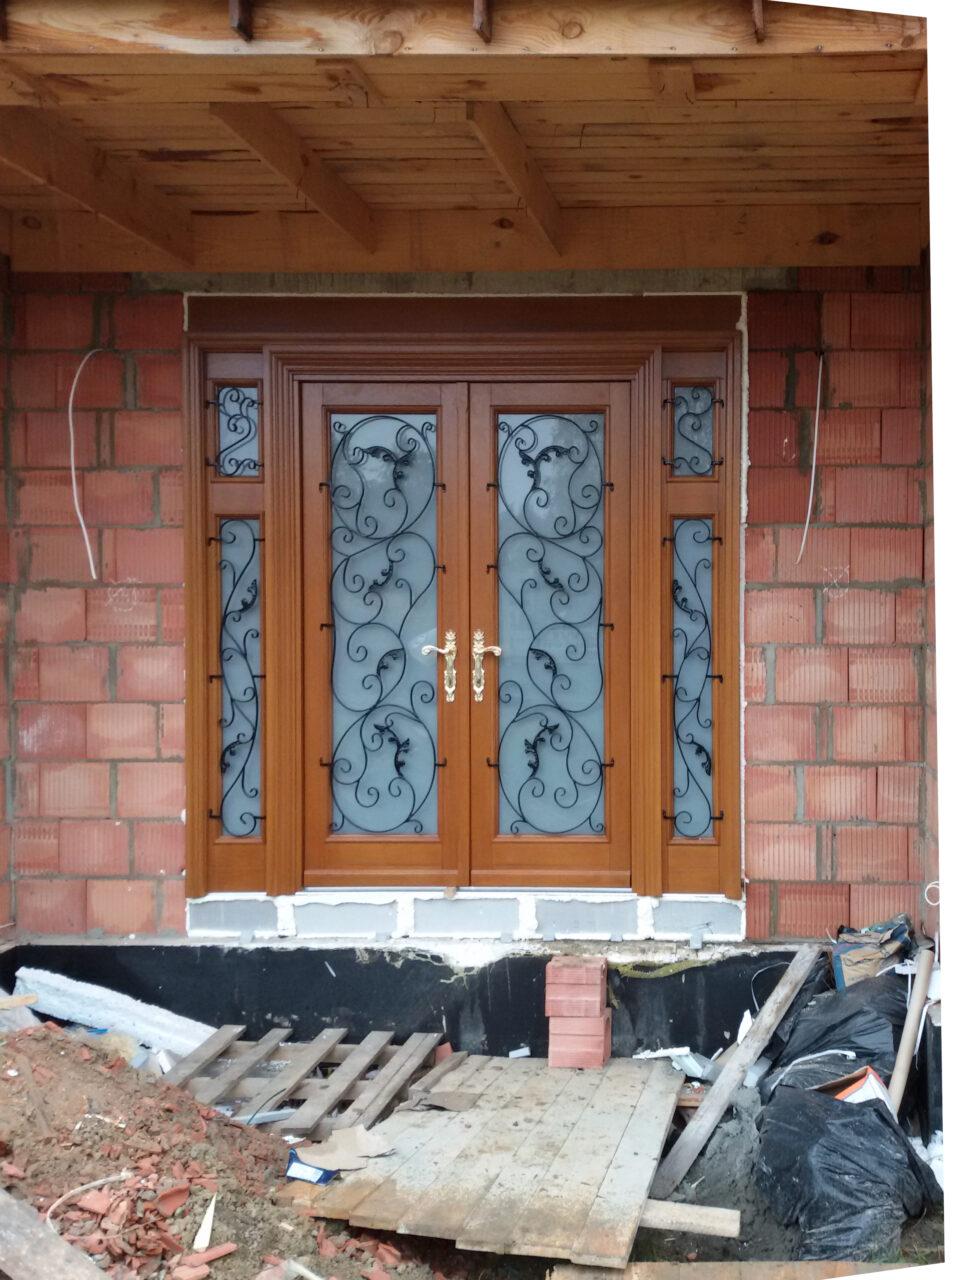 Producent Drzwi Drewnianych Na Wymiar Lizurej Galeria Zewnętrzne 81